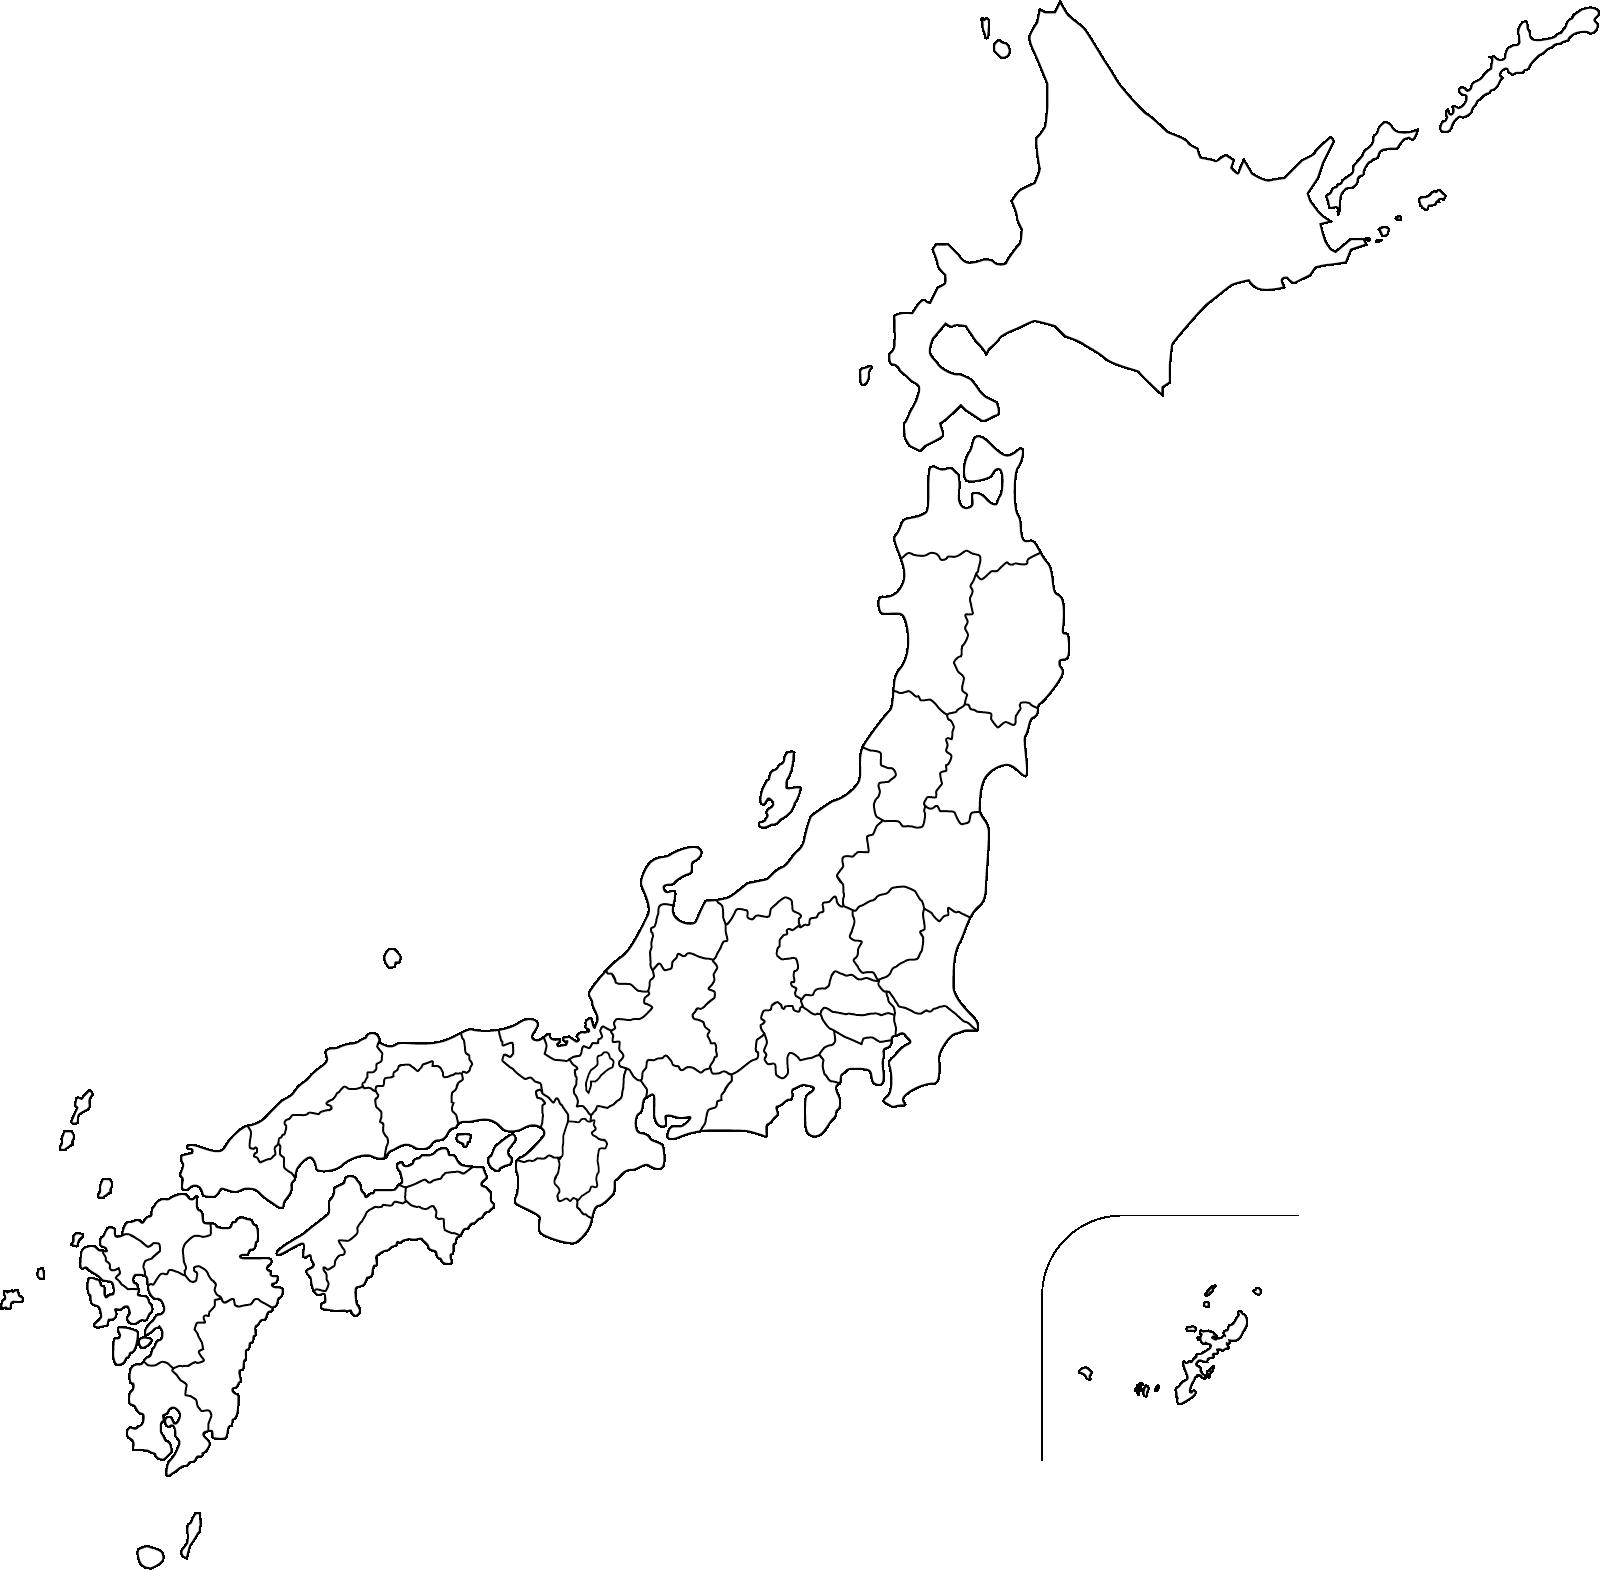 日本地図のイラスト(シンプル)